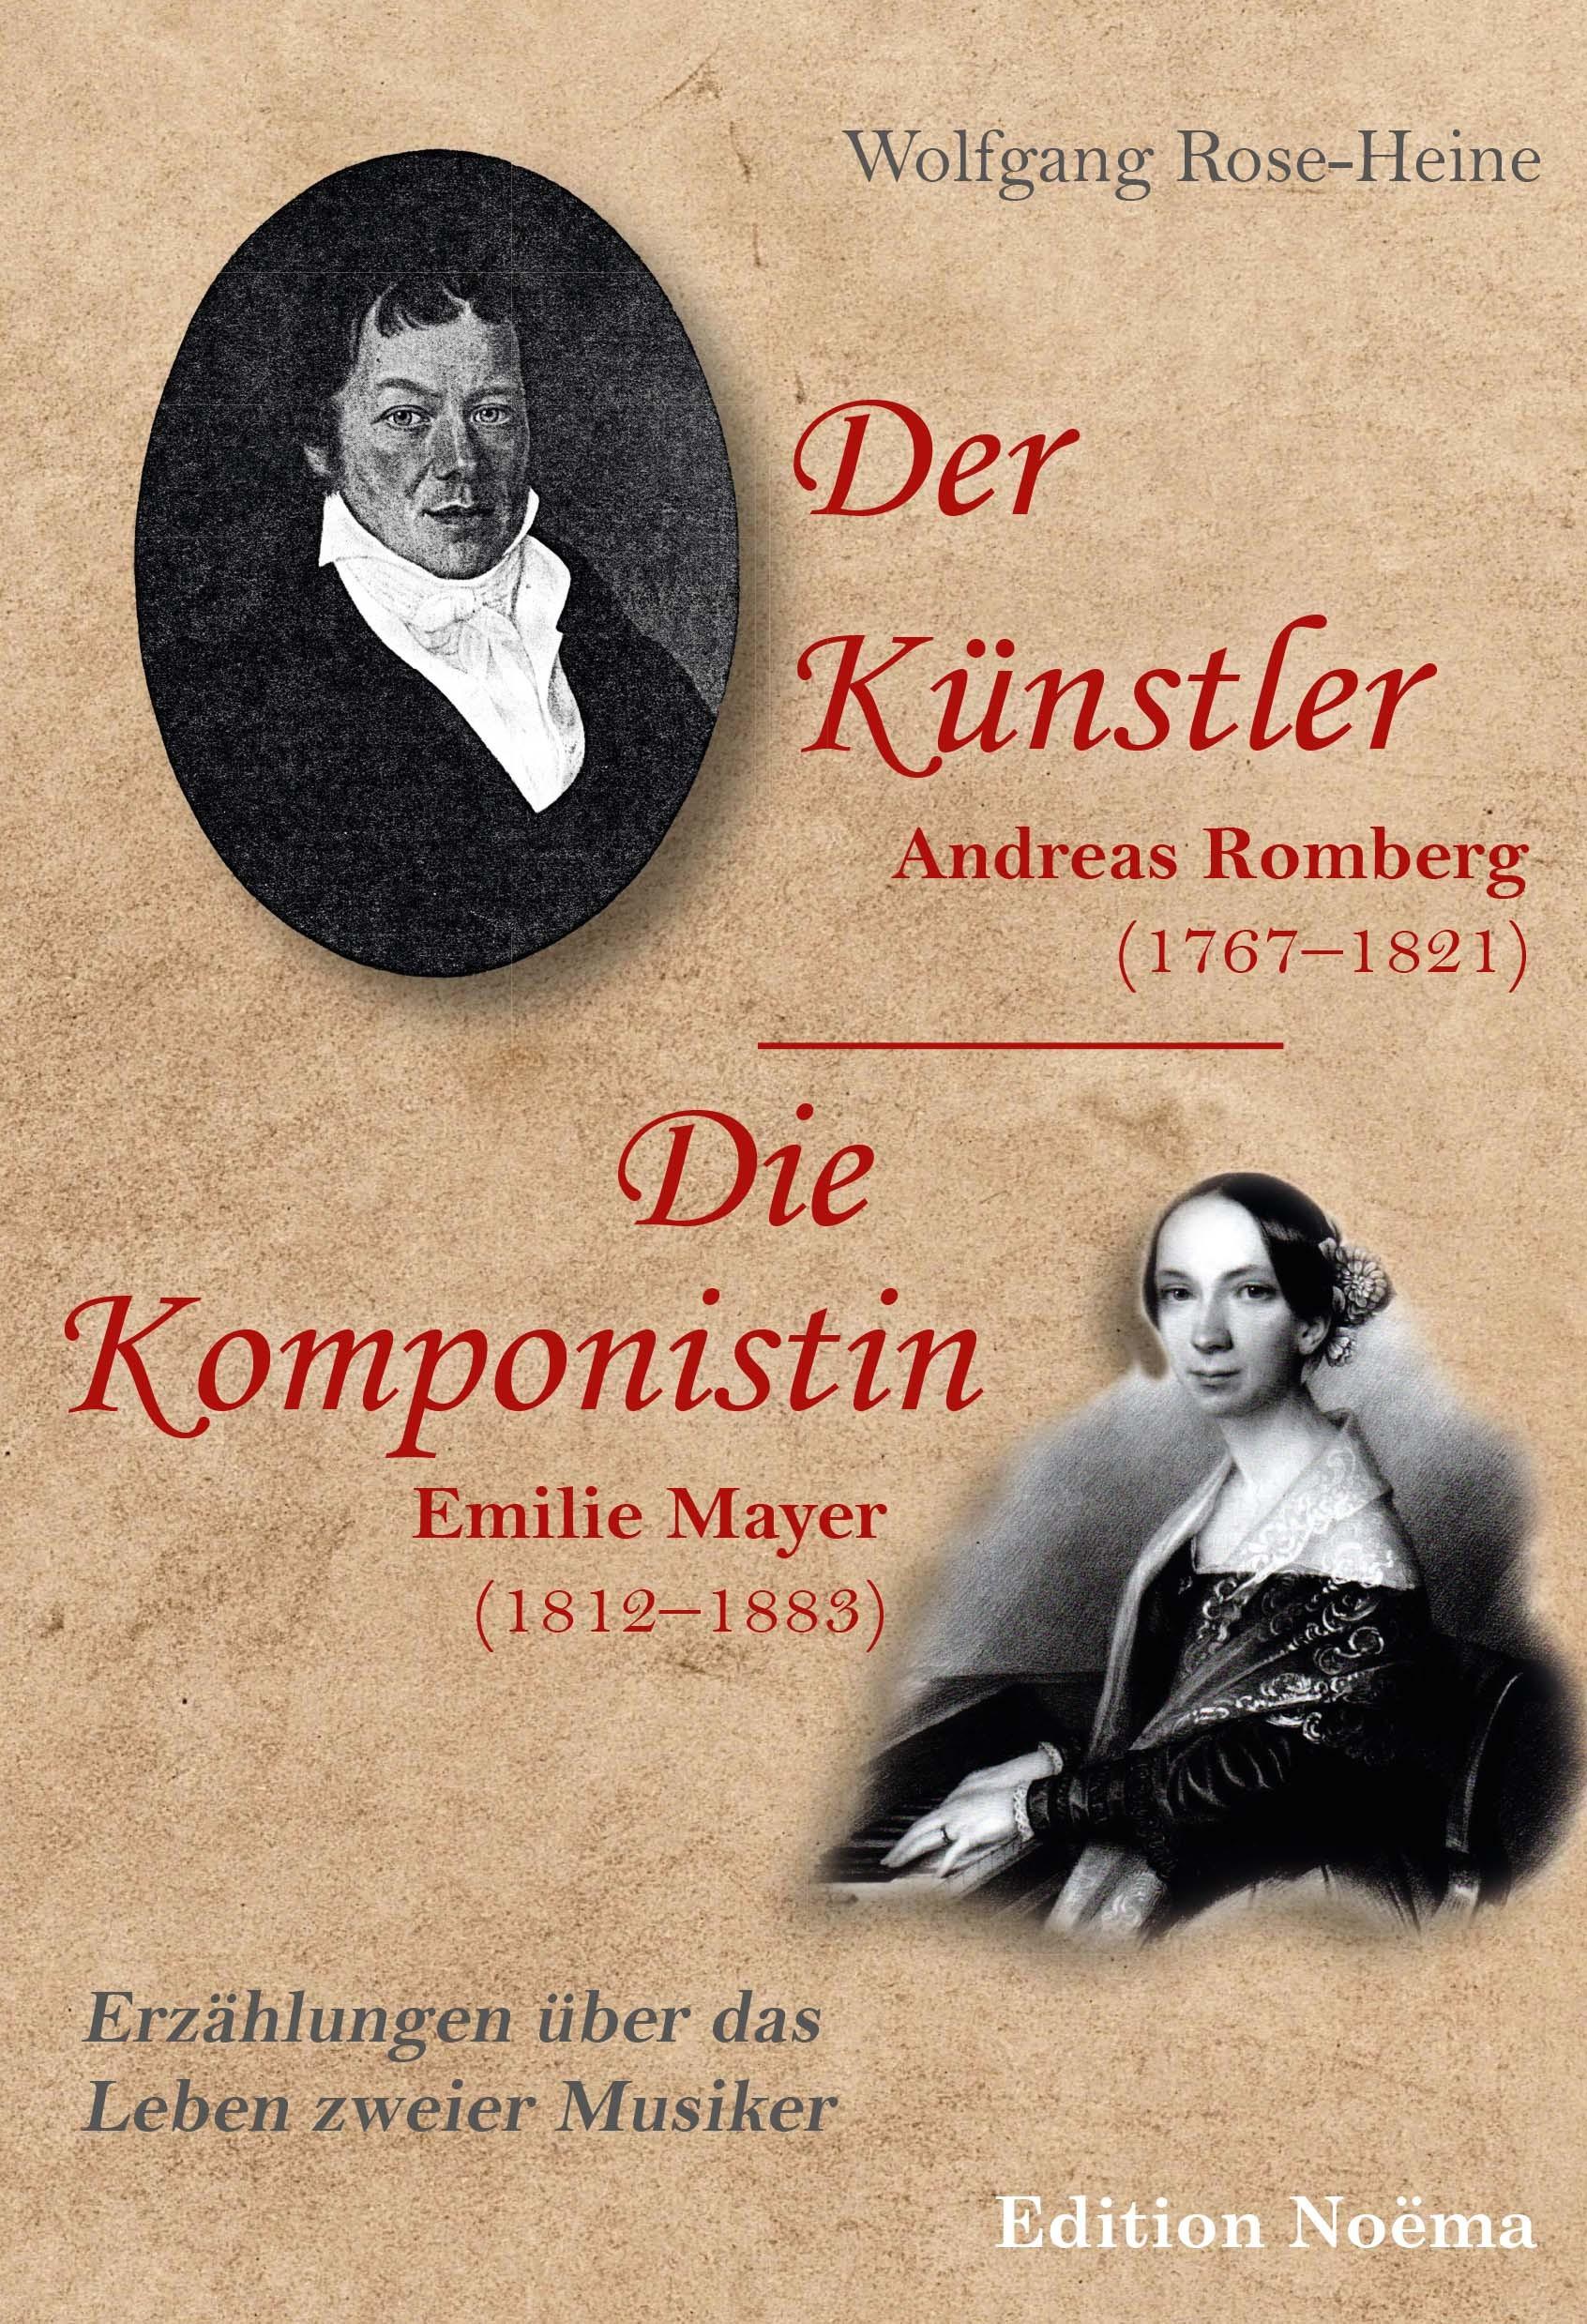 Der Künstler / Die Komponistin